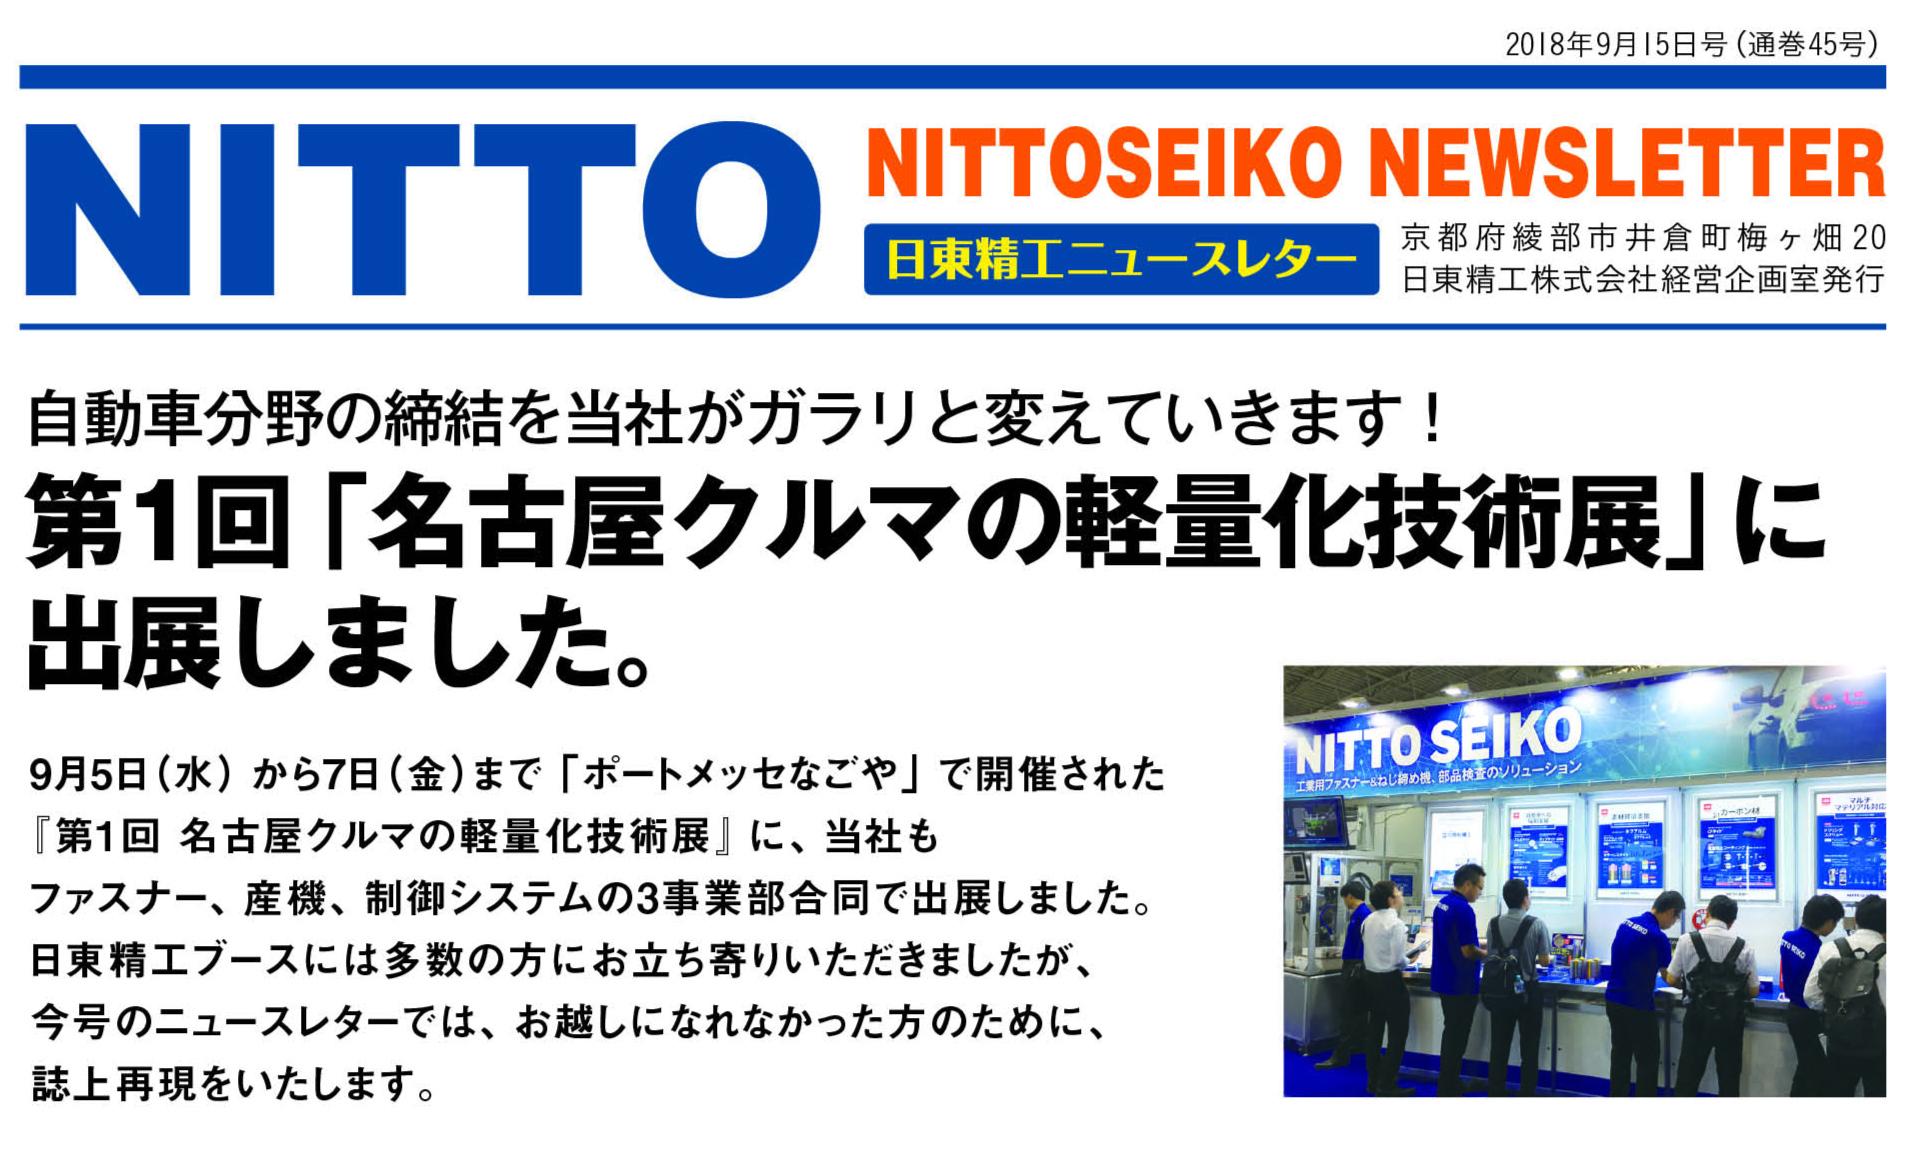 【ニュースレター・2018年9月号(第45号)】第1回「名古屋クルマの軽量化技術展」に出展しました。